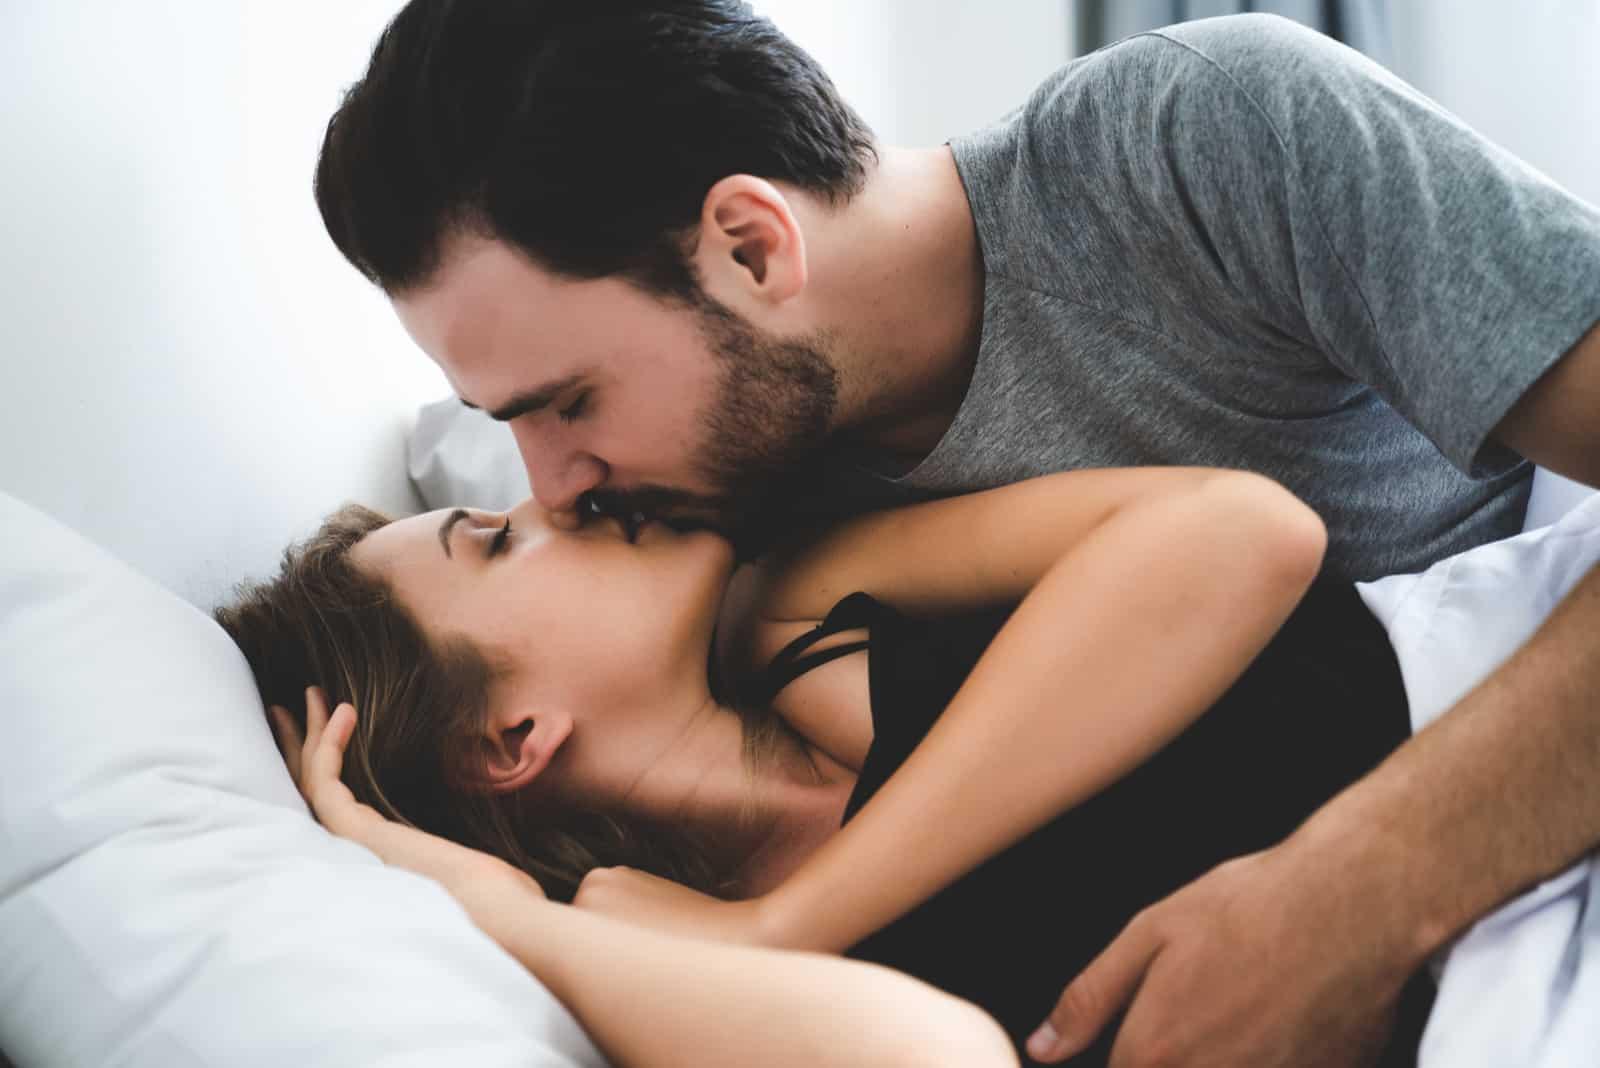 un homme embrasse une femme au lit